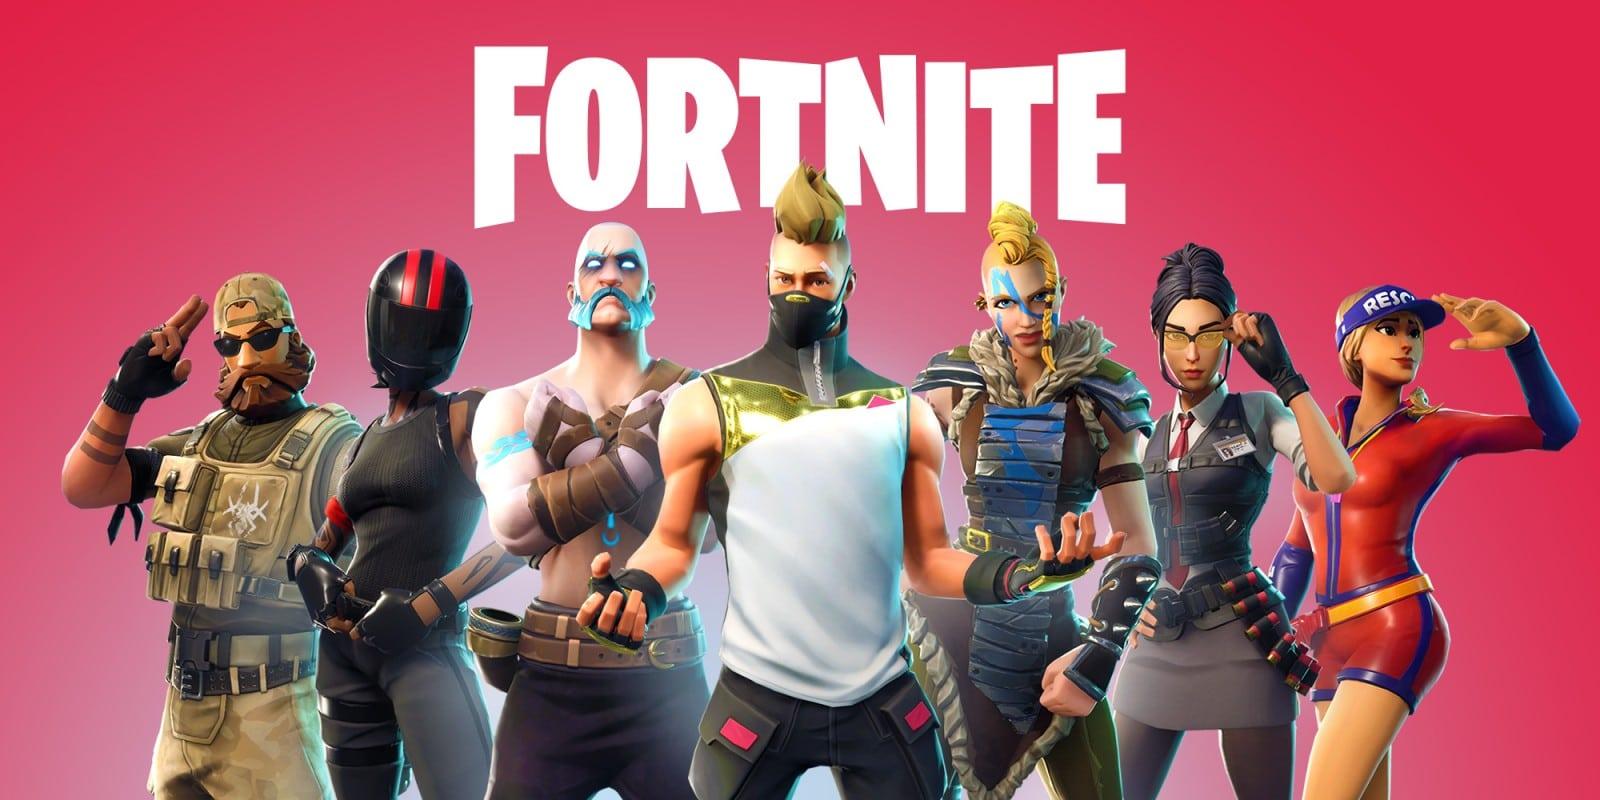 Fortnite Battle Royale : une stratégie marketing bien élaborée